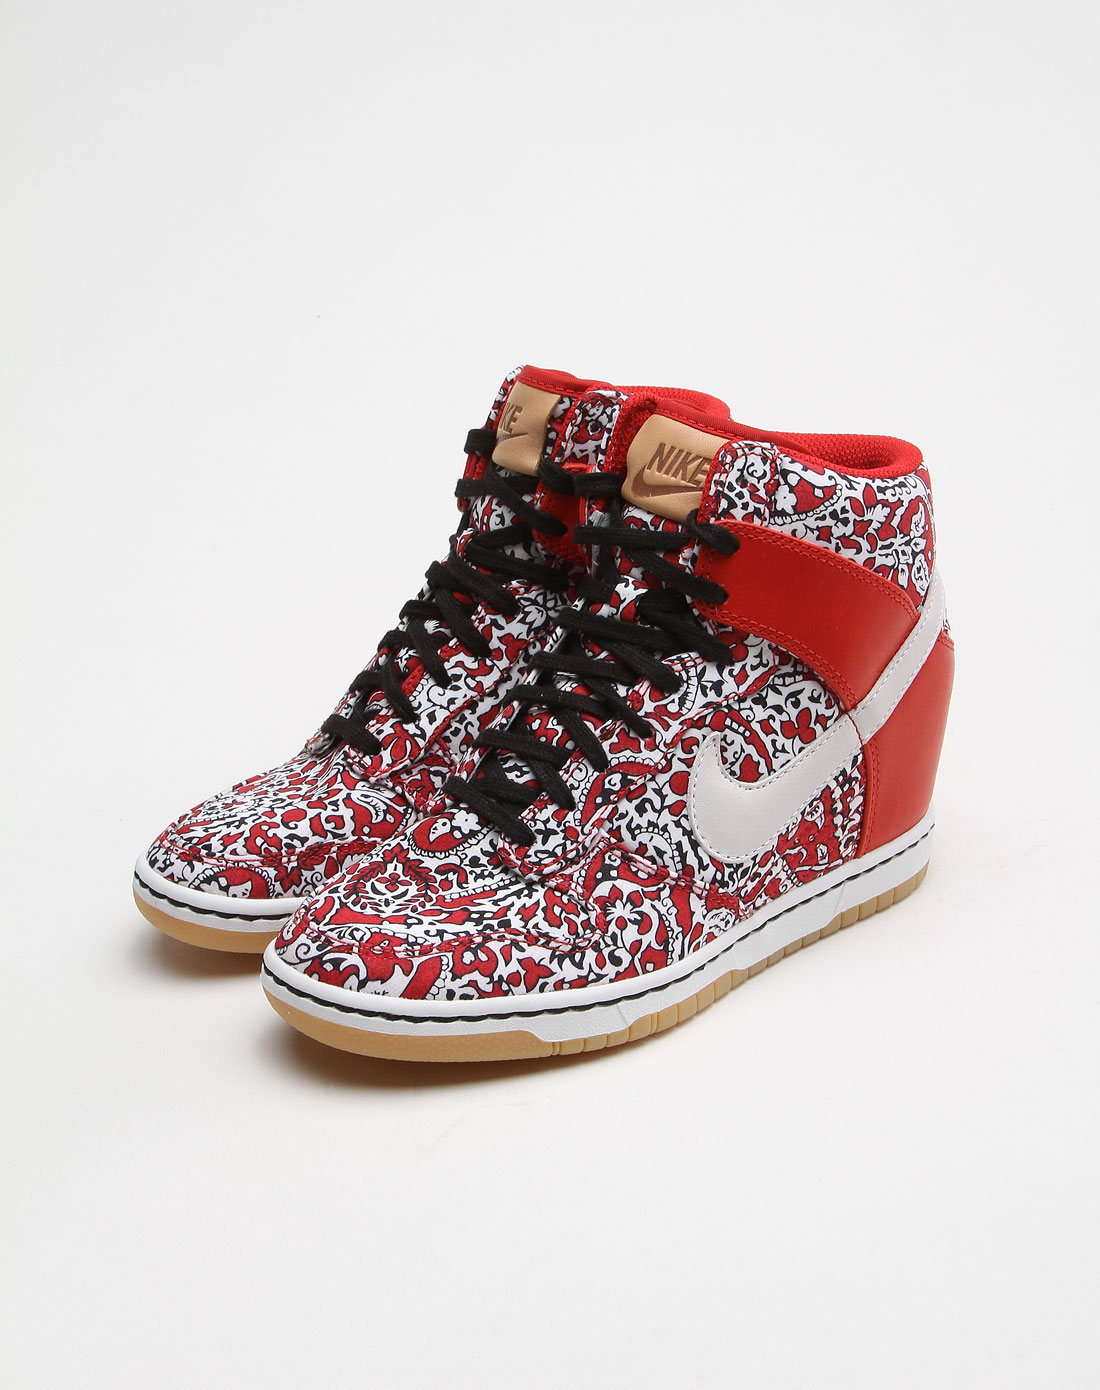 女款印花古典中国风白底红色休闲鞋